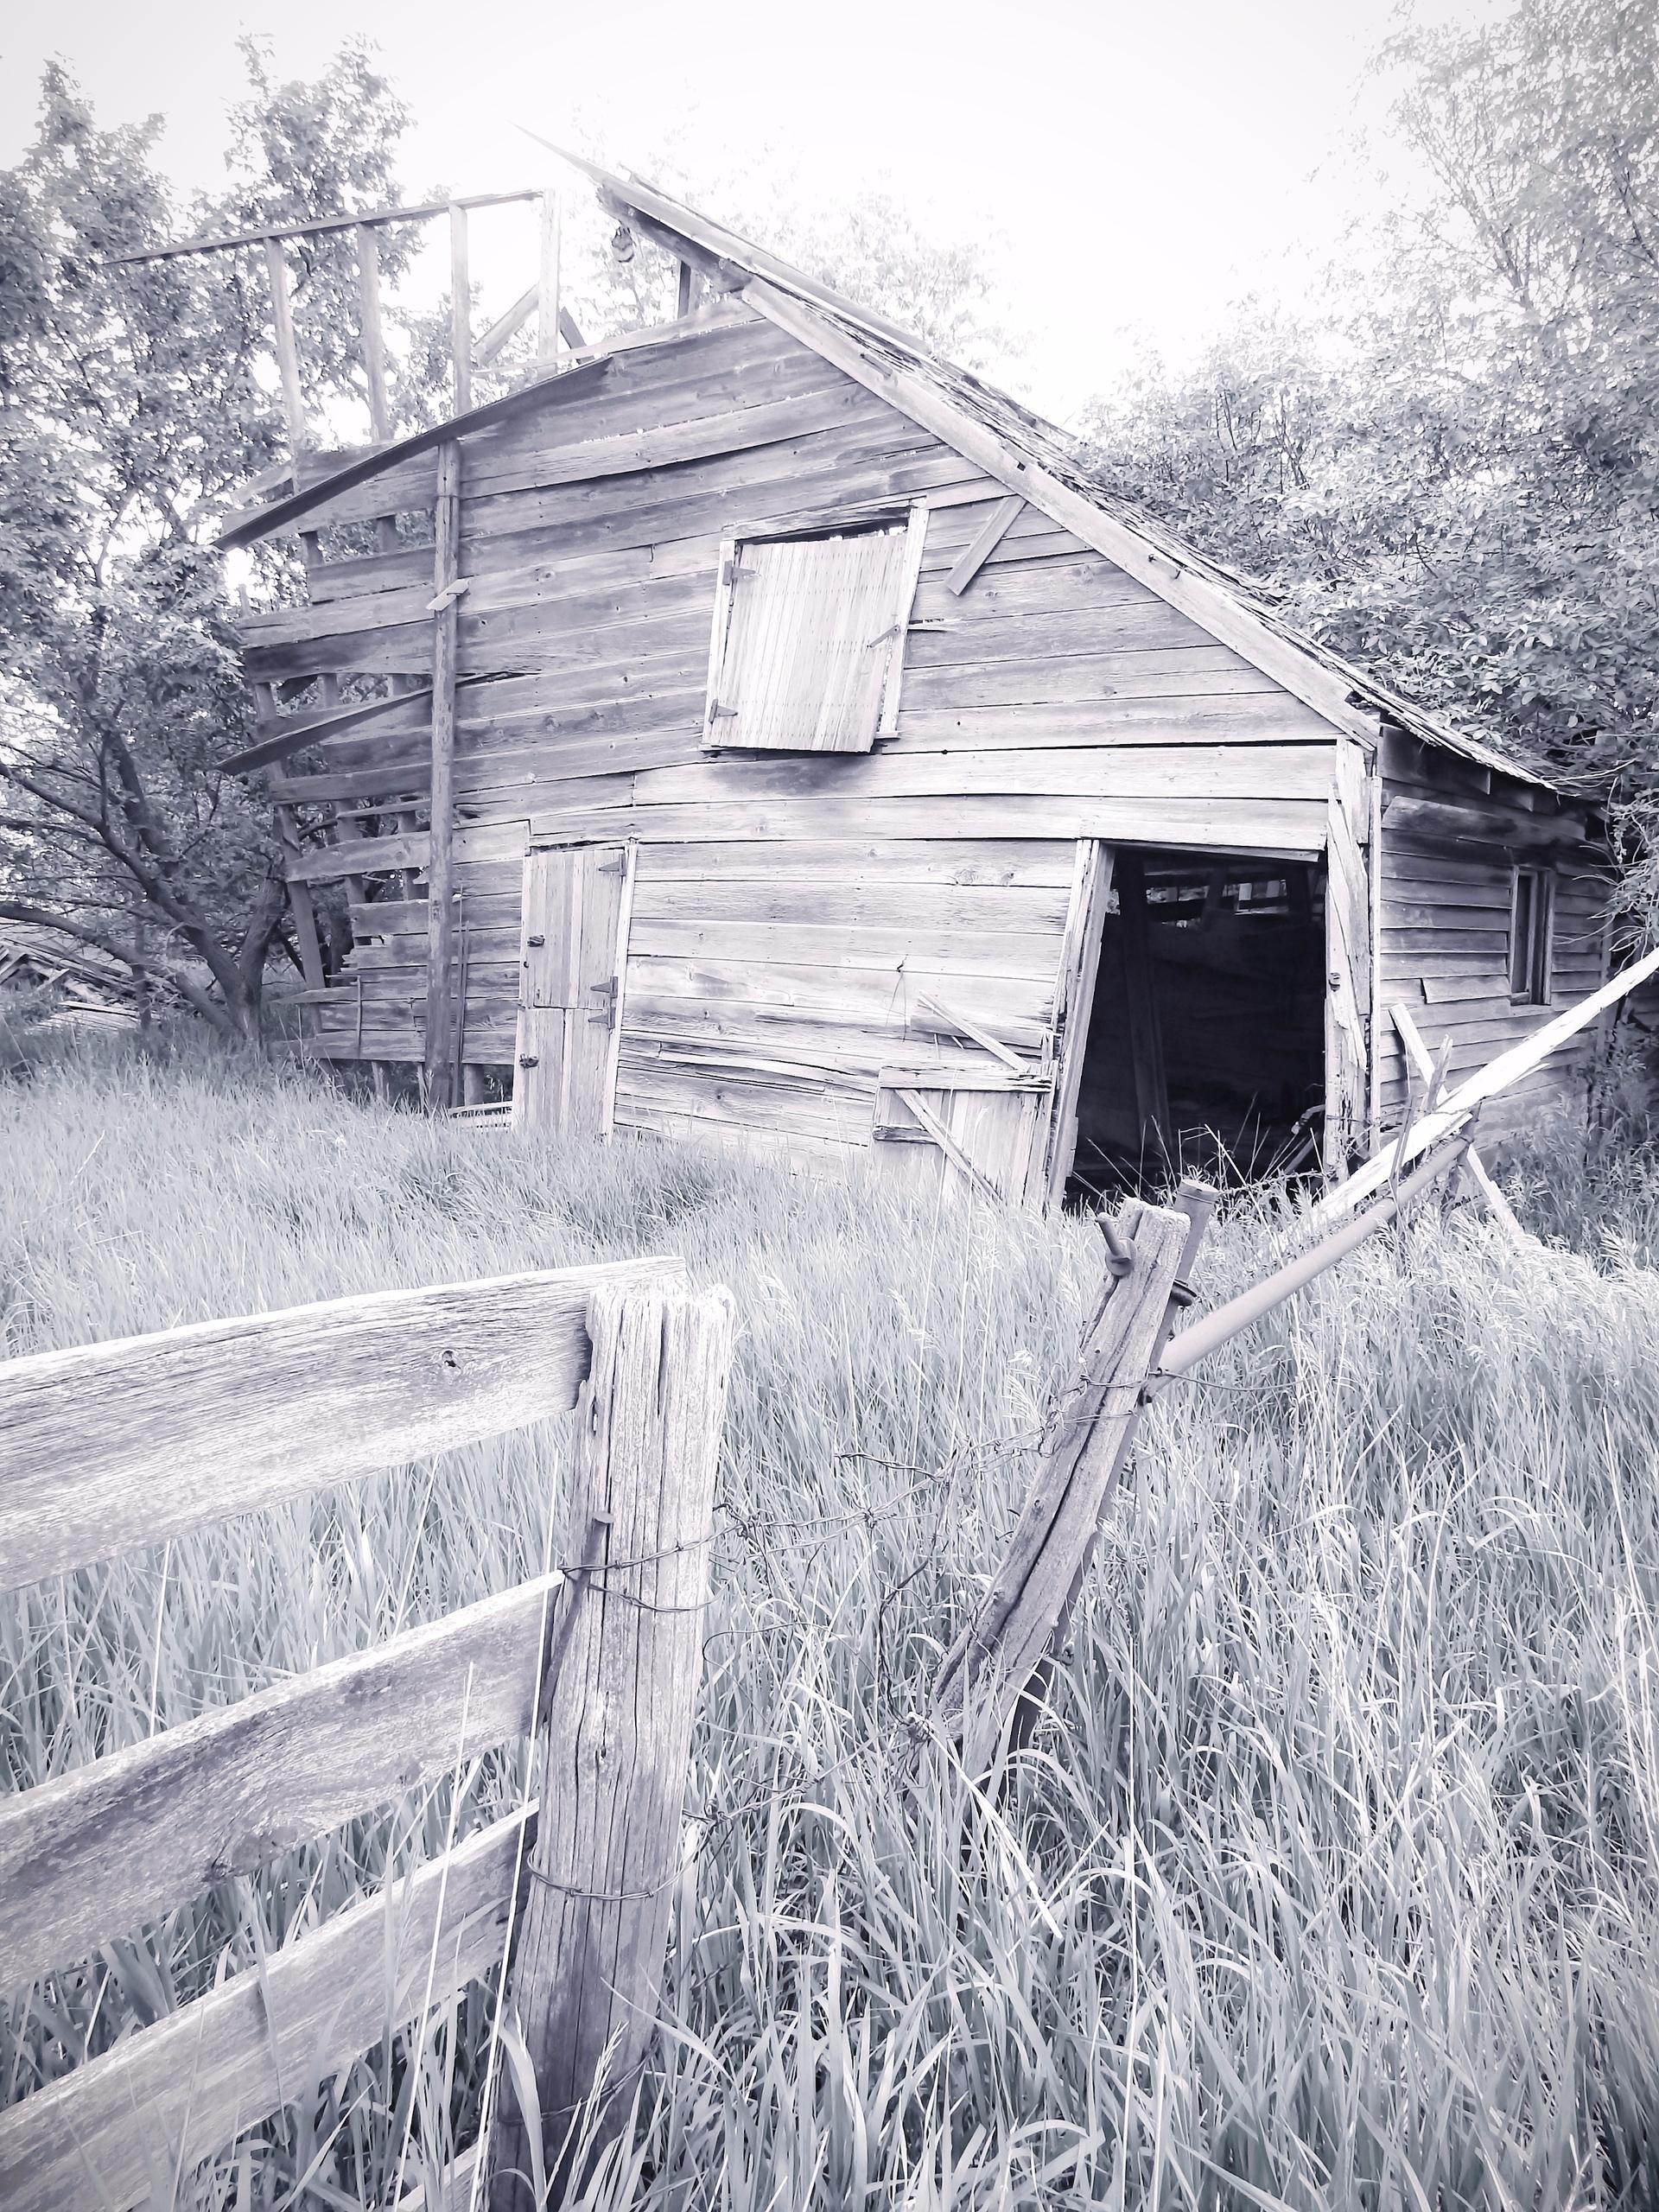 rurex, abandoned - trentonleetiemeyer | ello